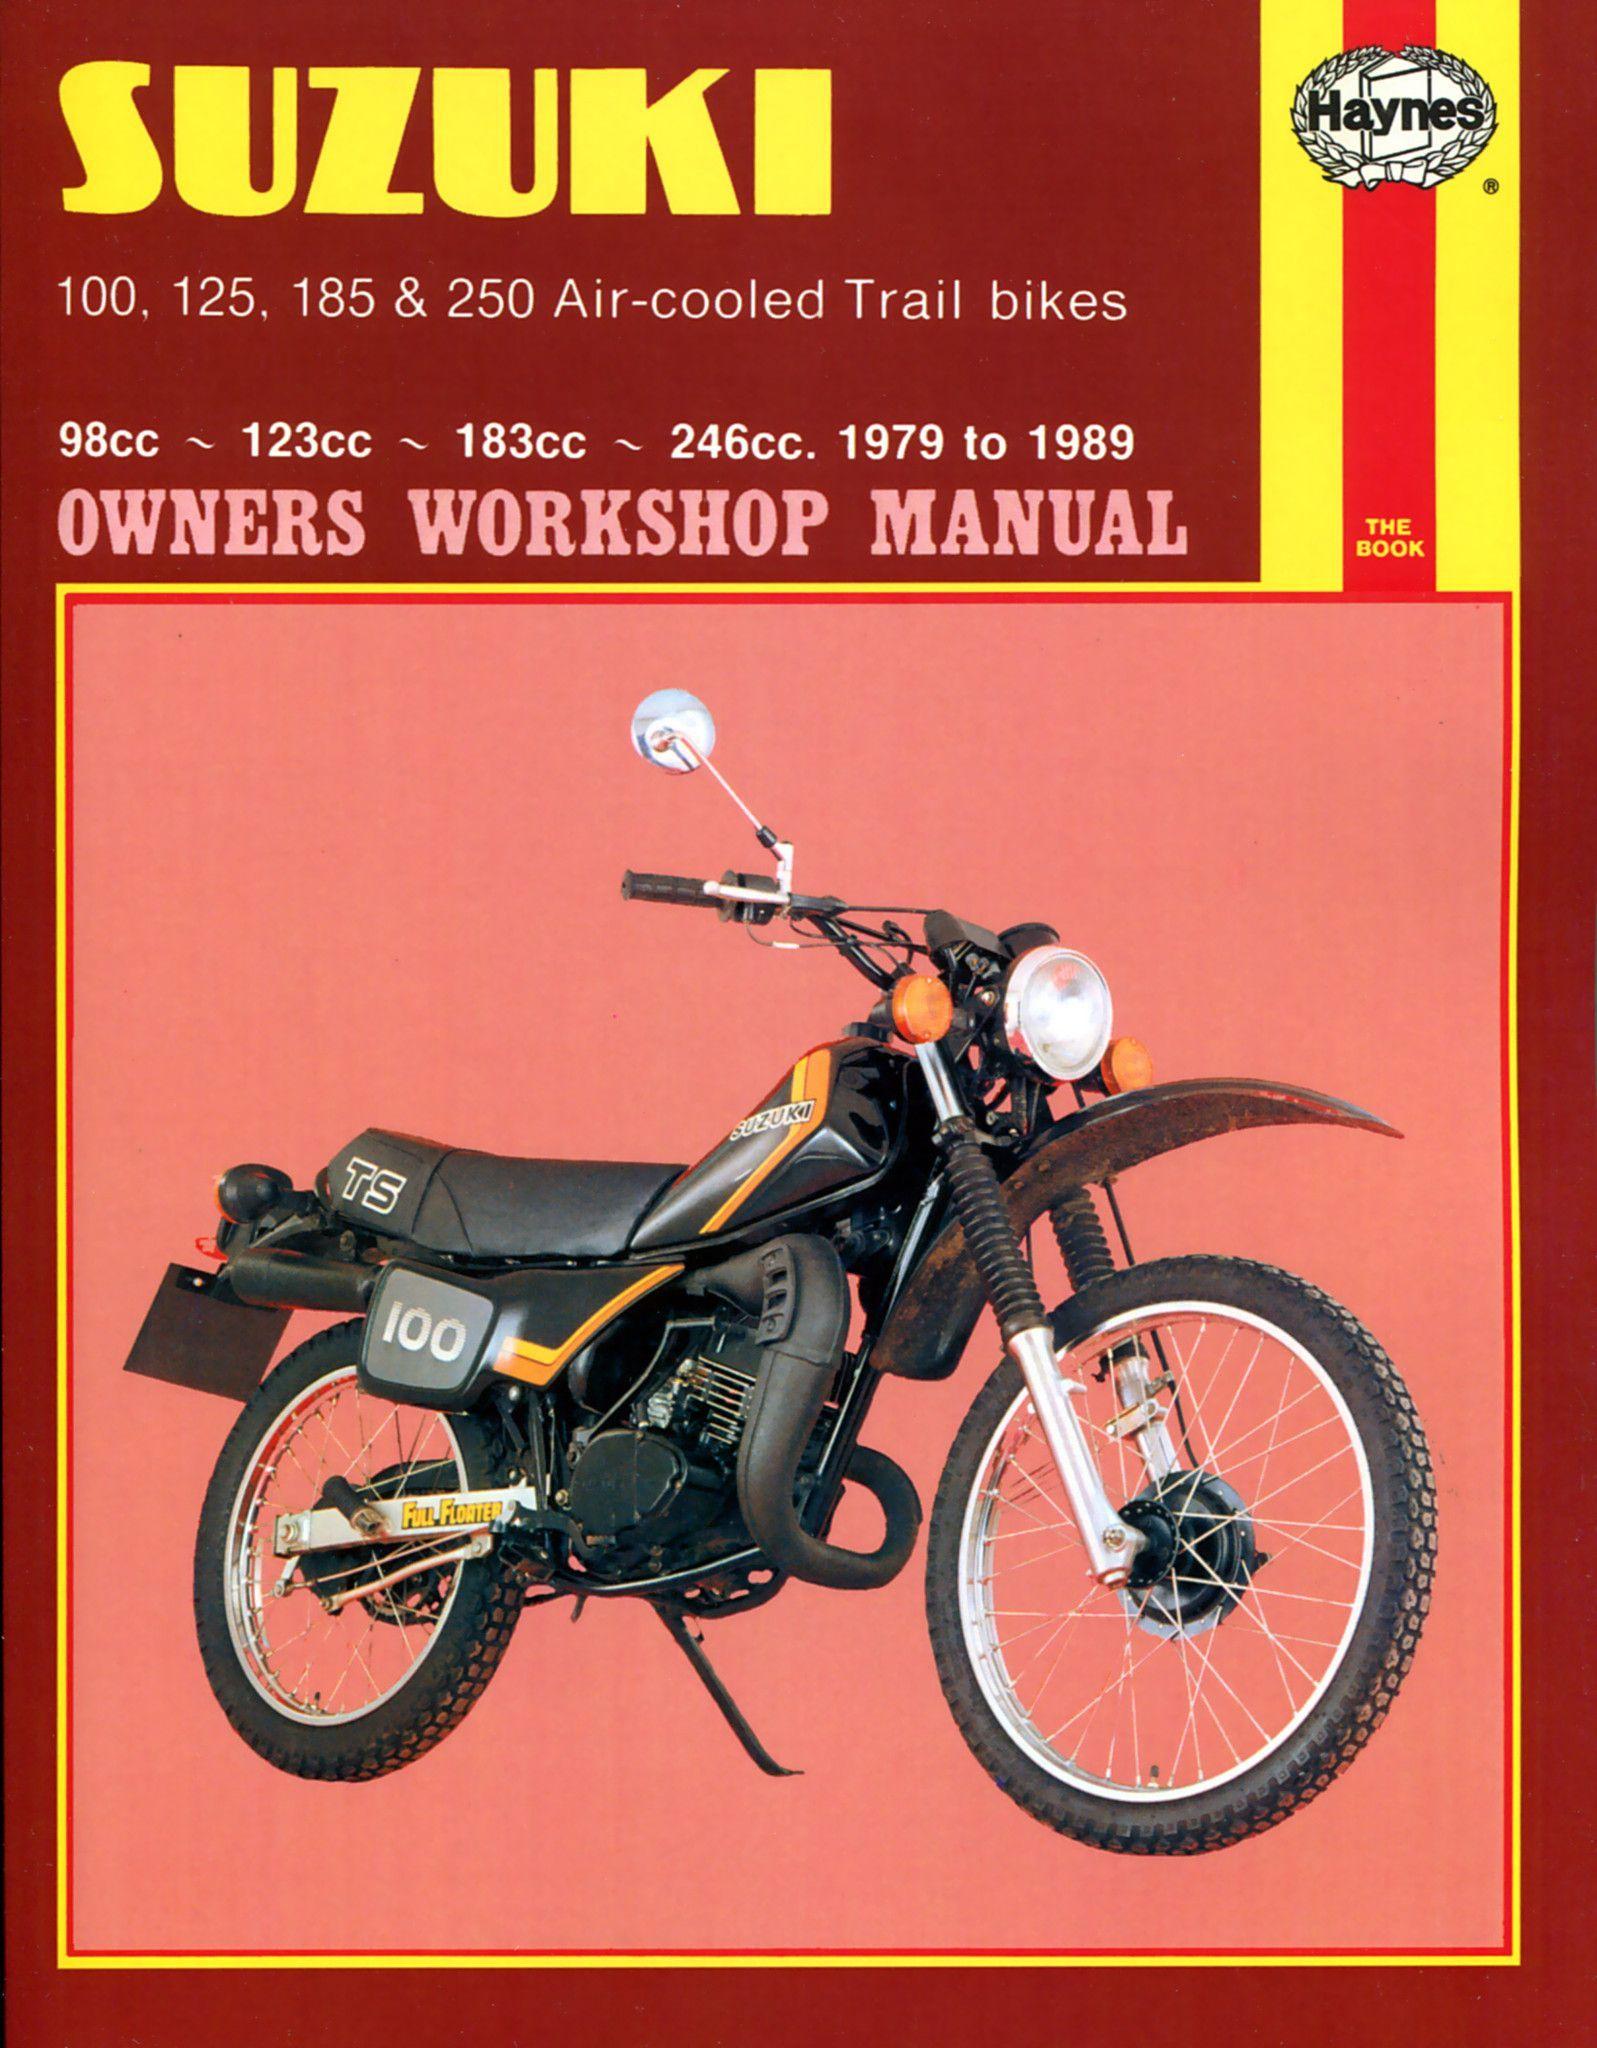 Haynes M797 Repair Manual for 1979-81 Suzuki TS Air-cooled